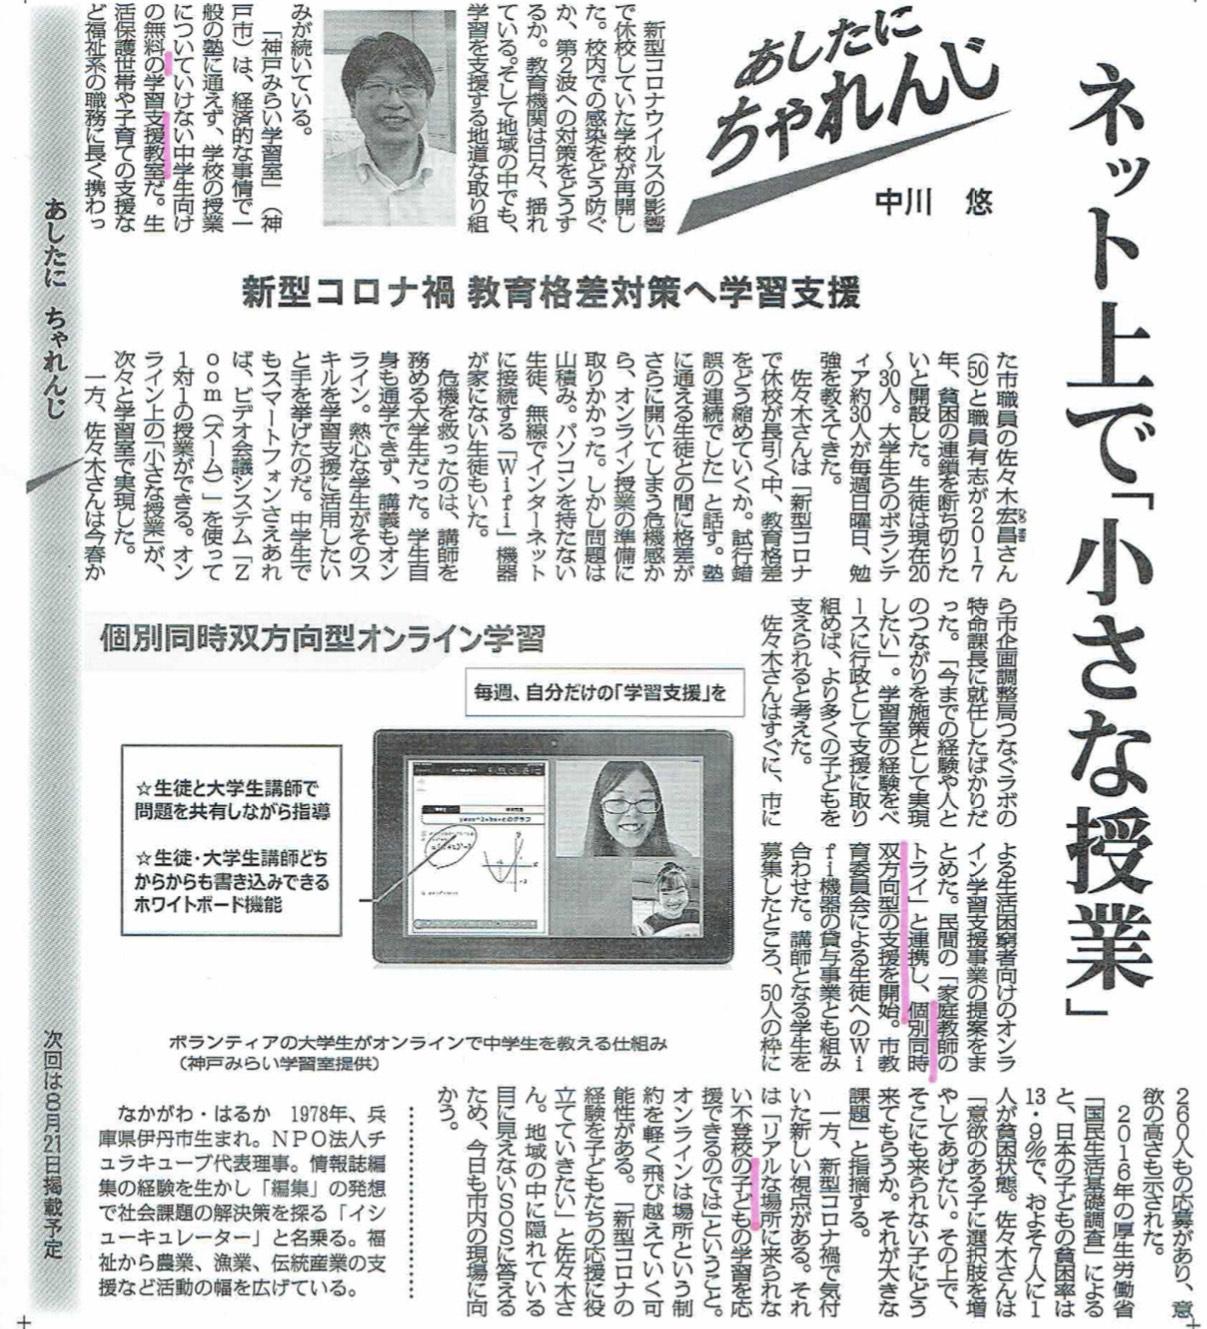 毎日新聞「あしたに、ちゃれんじ」は、「神戸みらい学習室」を取材